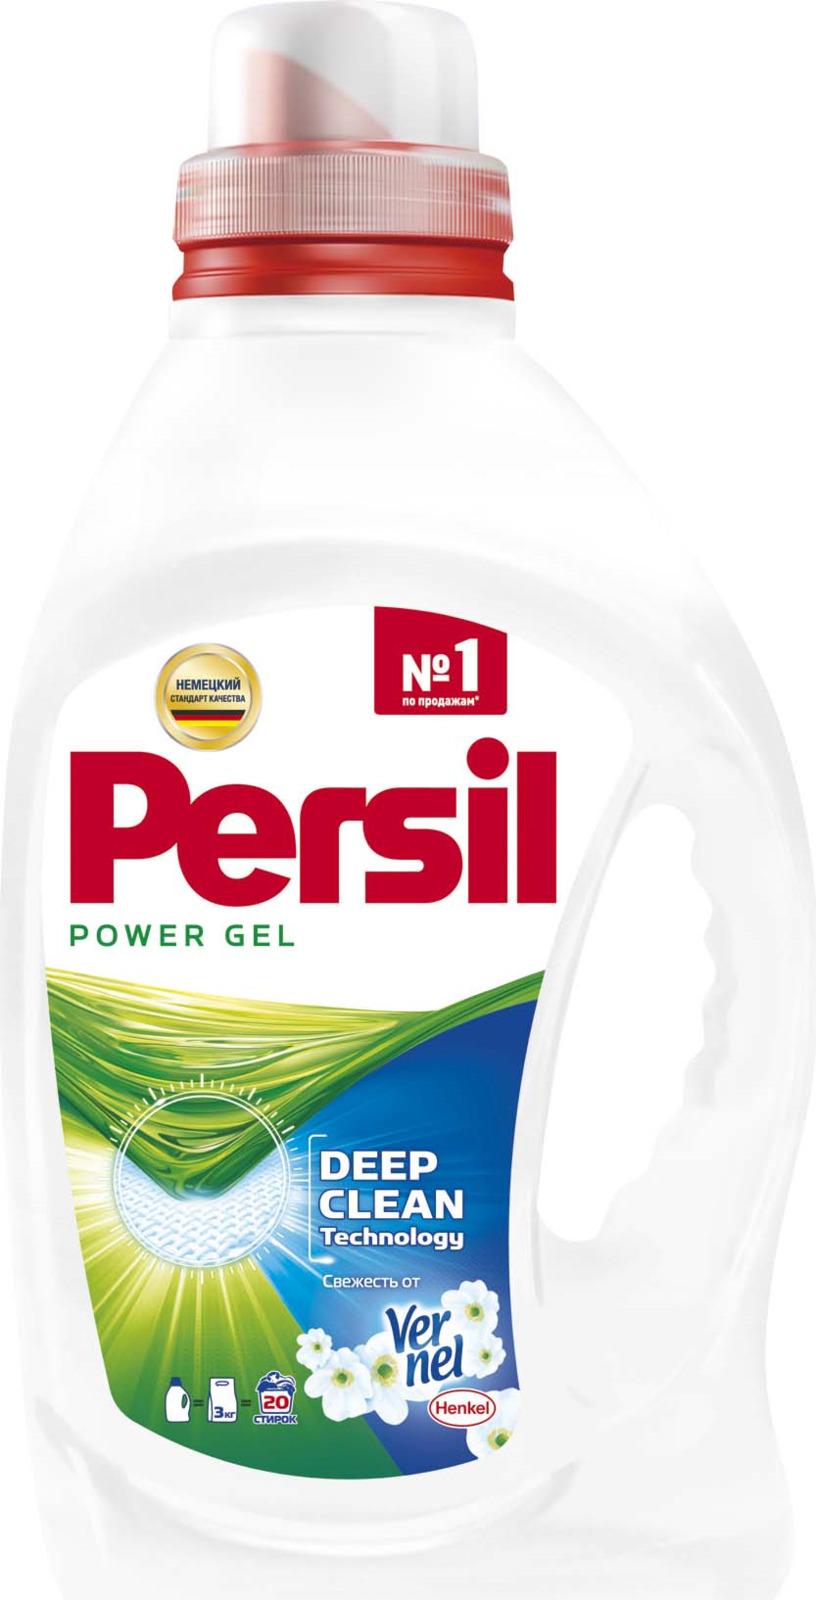 Жидкое средство для стирки Persil Свежесть от Vernel, 2453960, 1,3 л бытовая химия persil